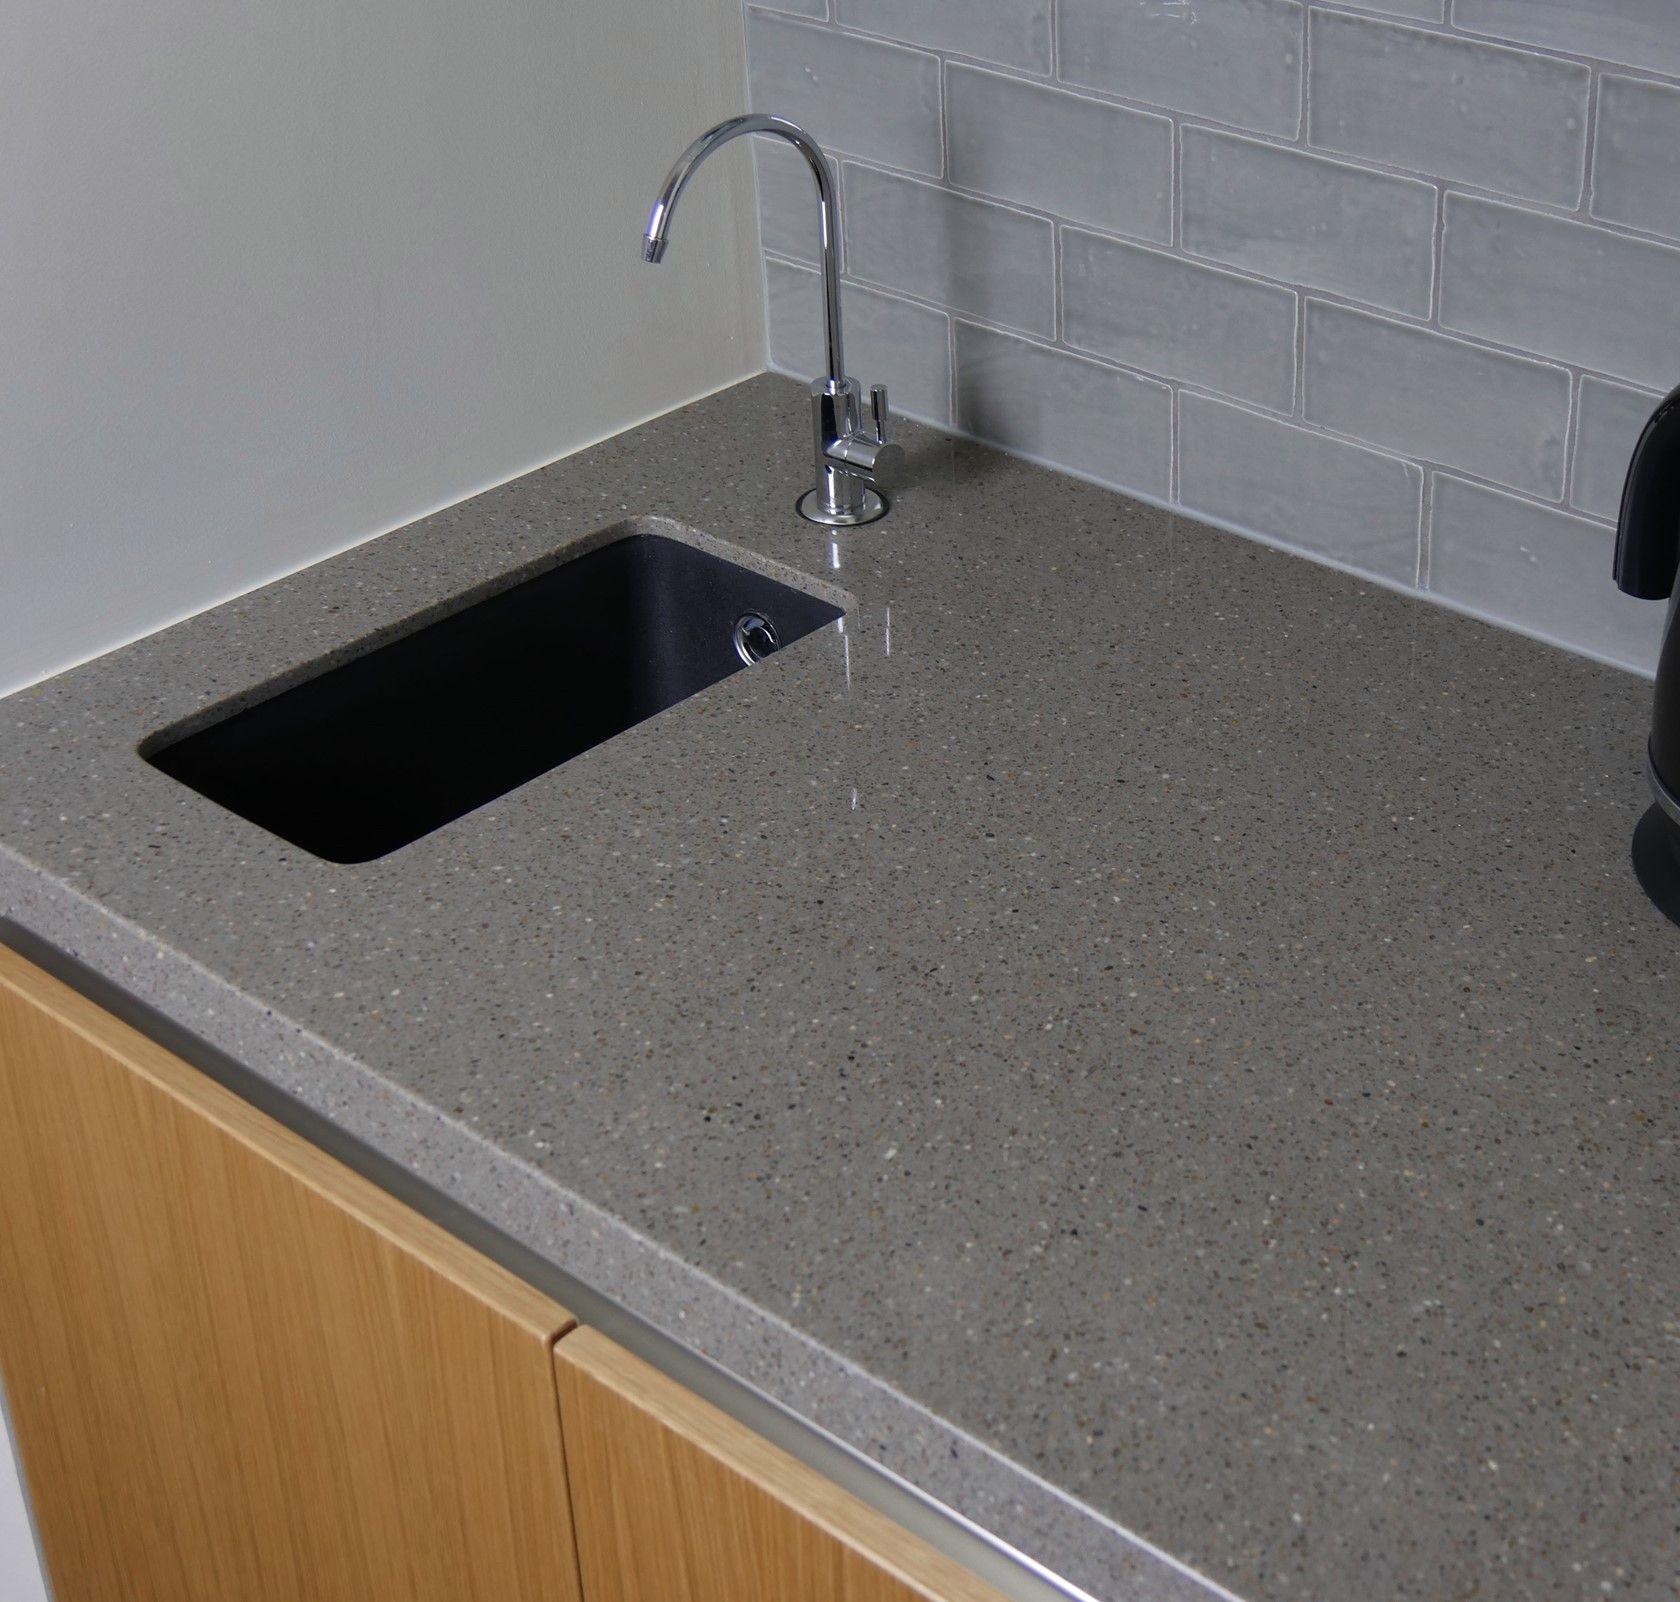 Pin By Kiwi Niksta On Lake House Sink Sink Taps Home D 233 Cor